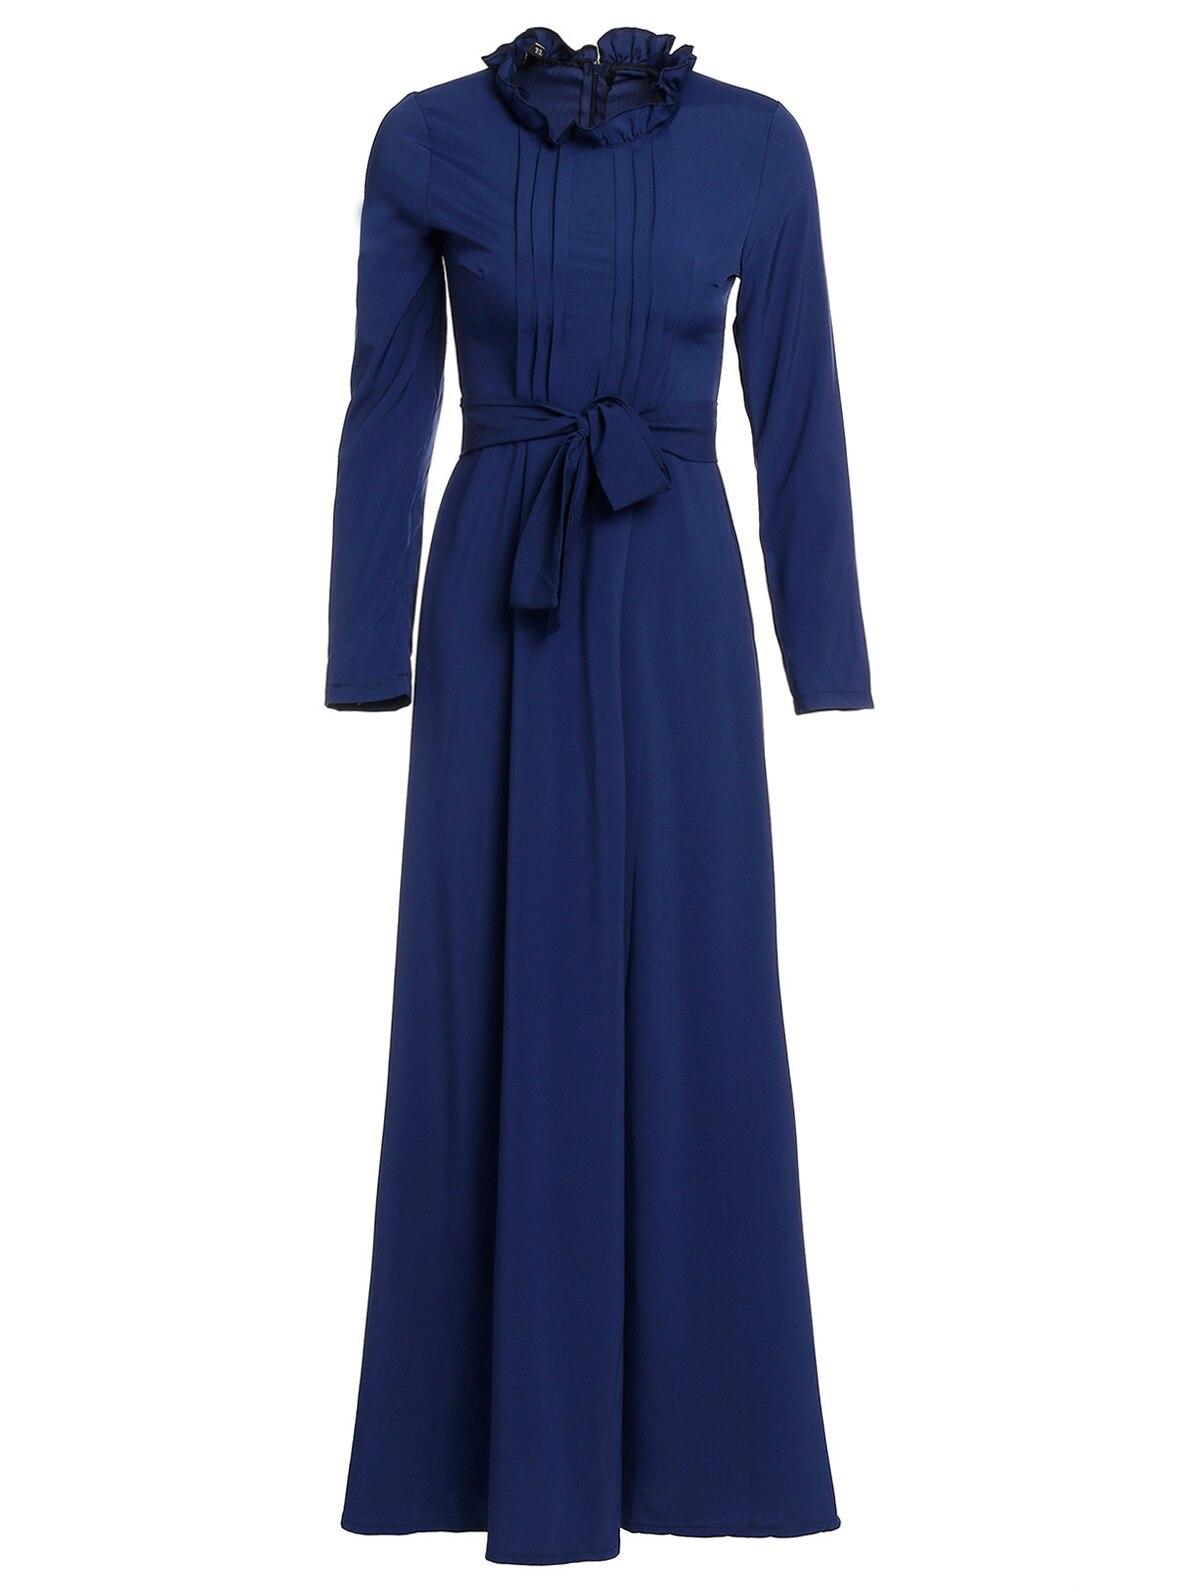 VESTLINDA стильный Стенд средства ухода за кожей шеи с длинным рукавом сплошной цвет женское платье макси распродажа